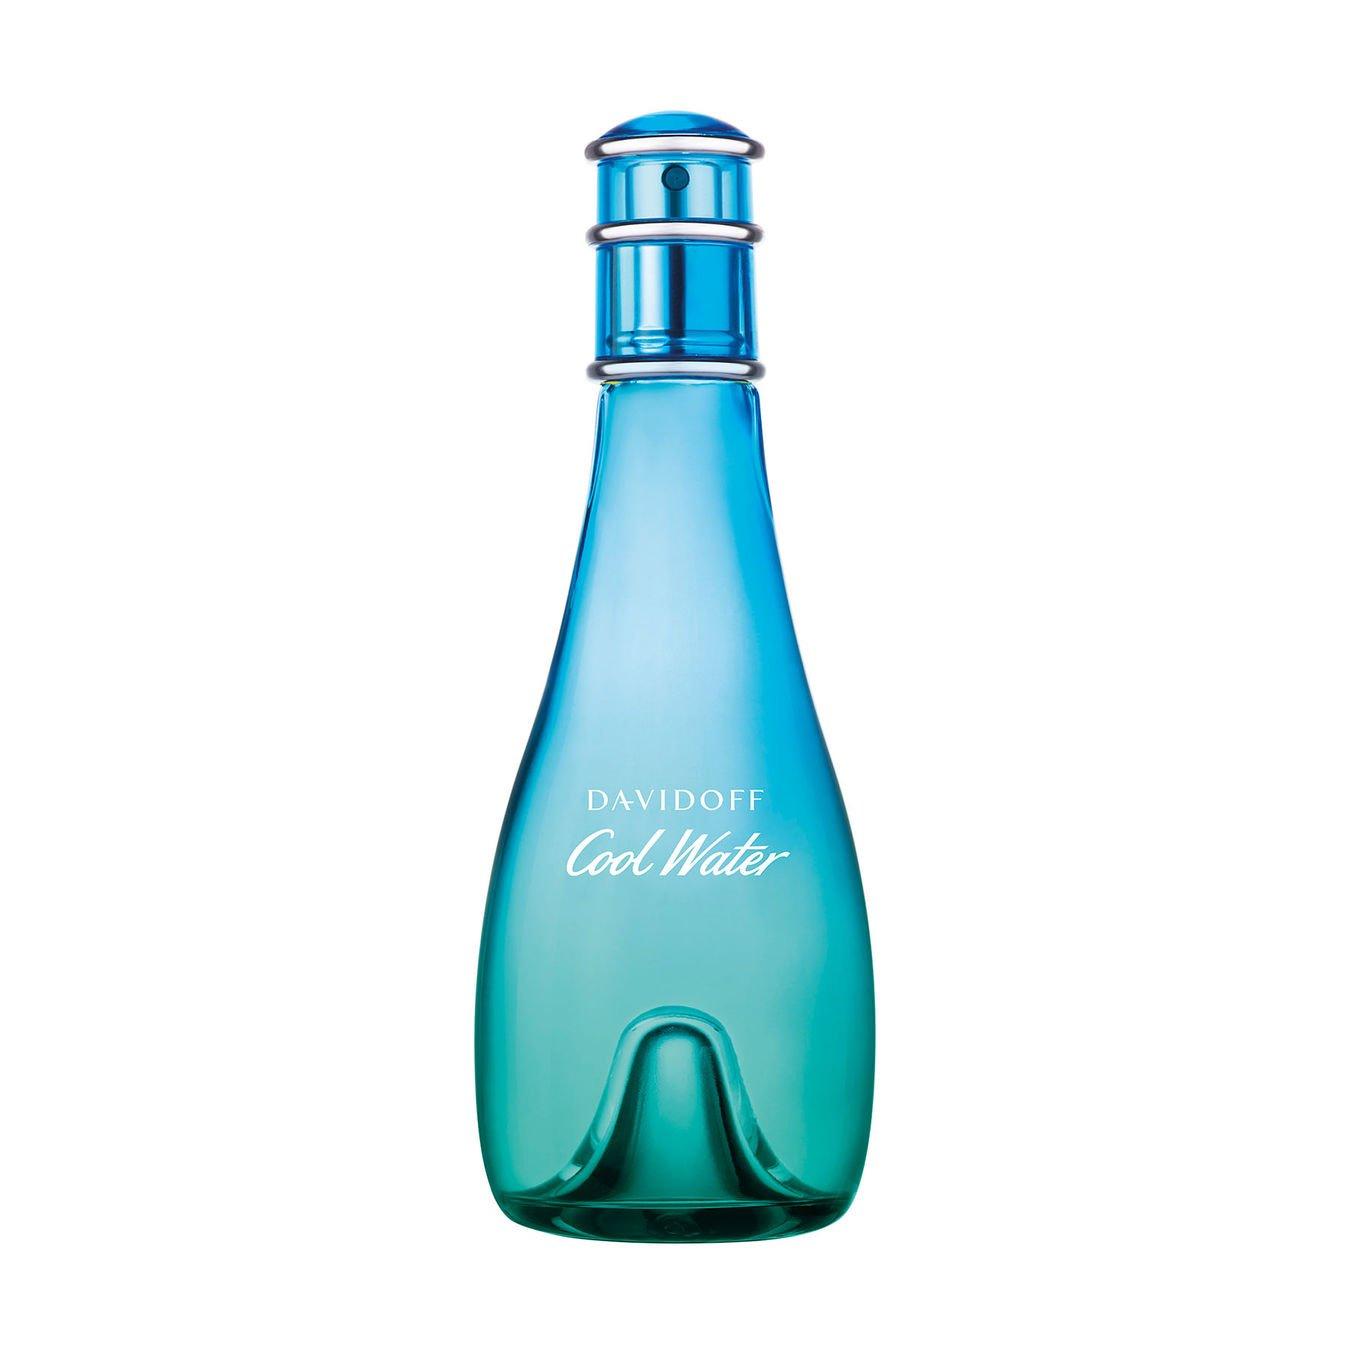 Davidoff - Cool Water Woman Summer 2019 EDT 100 ml